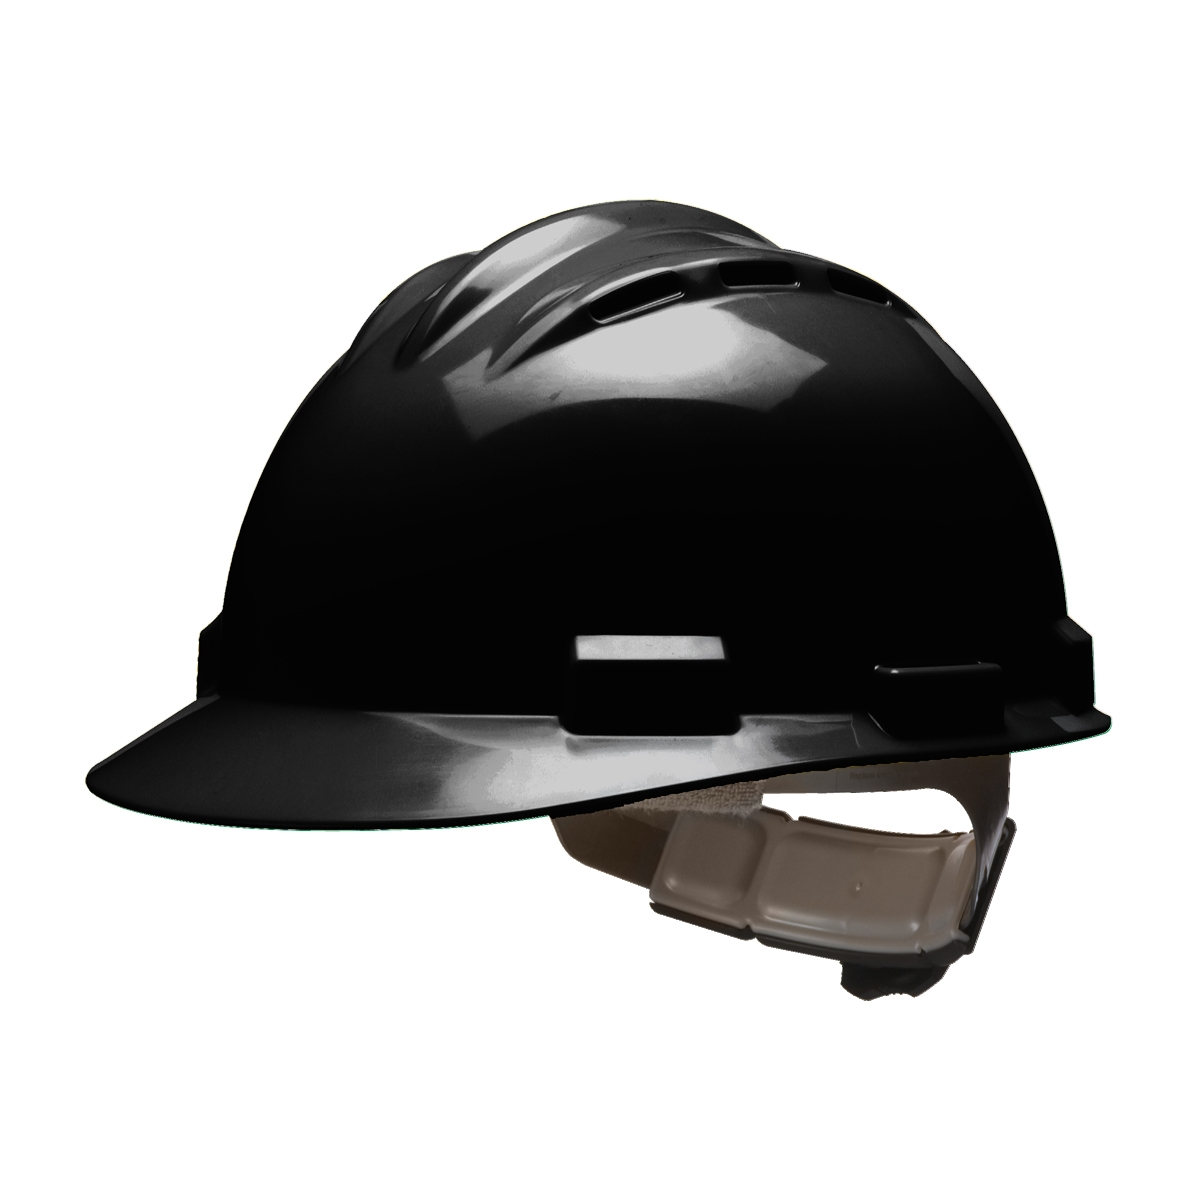 bullard s62bkr standard vented hard hat ratchet suspension black. Black Bedroom Furniture Sets. Home Design Ideas